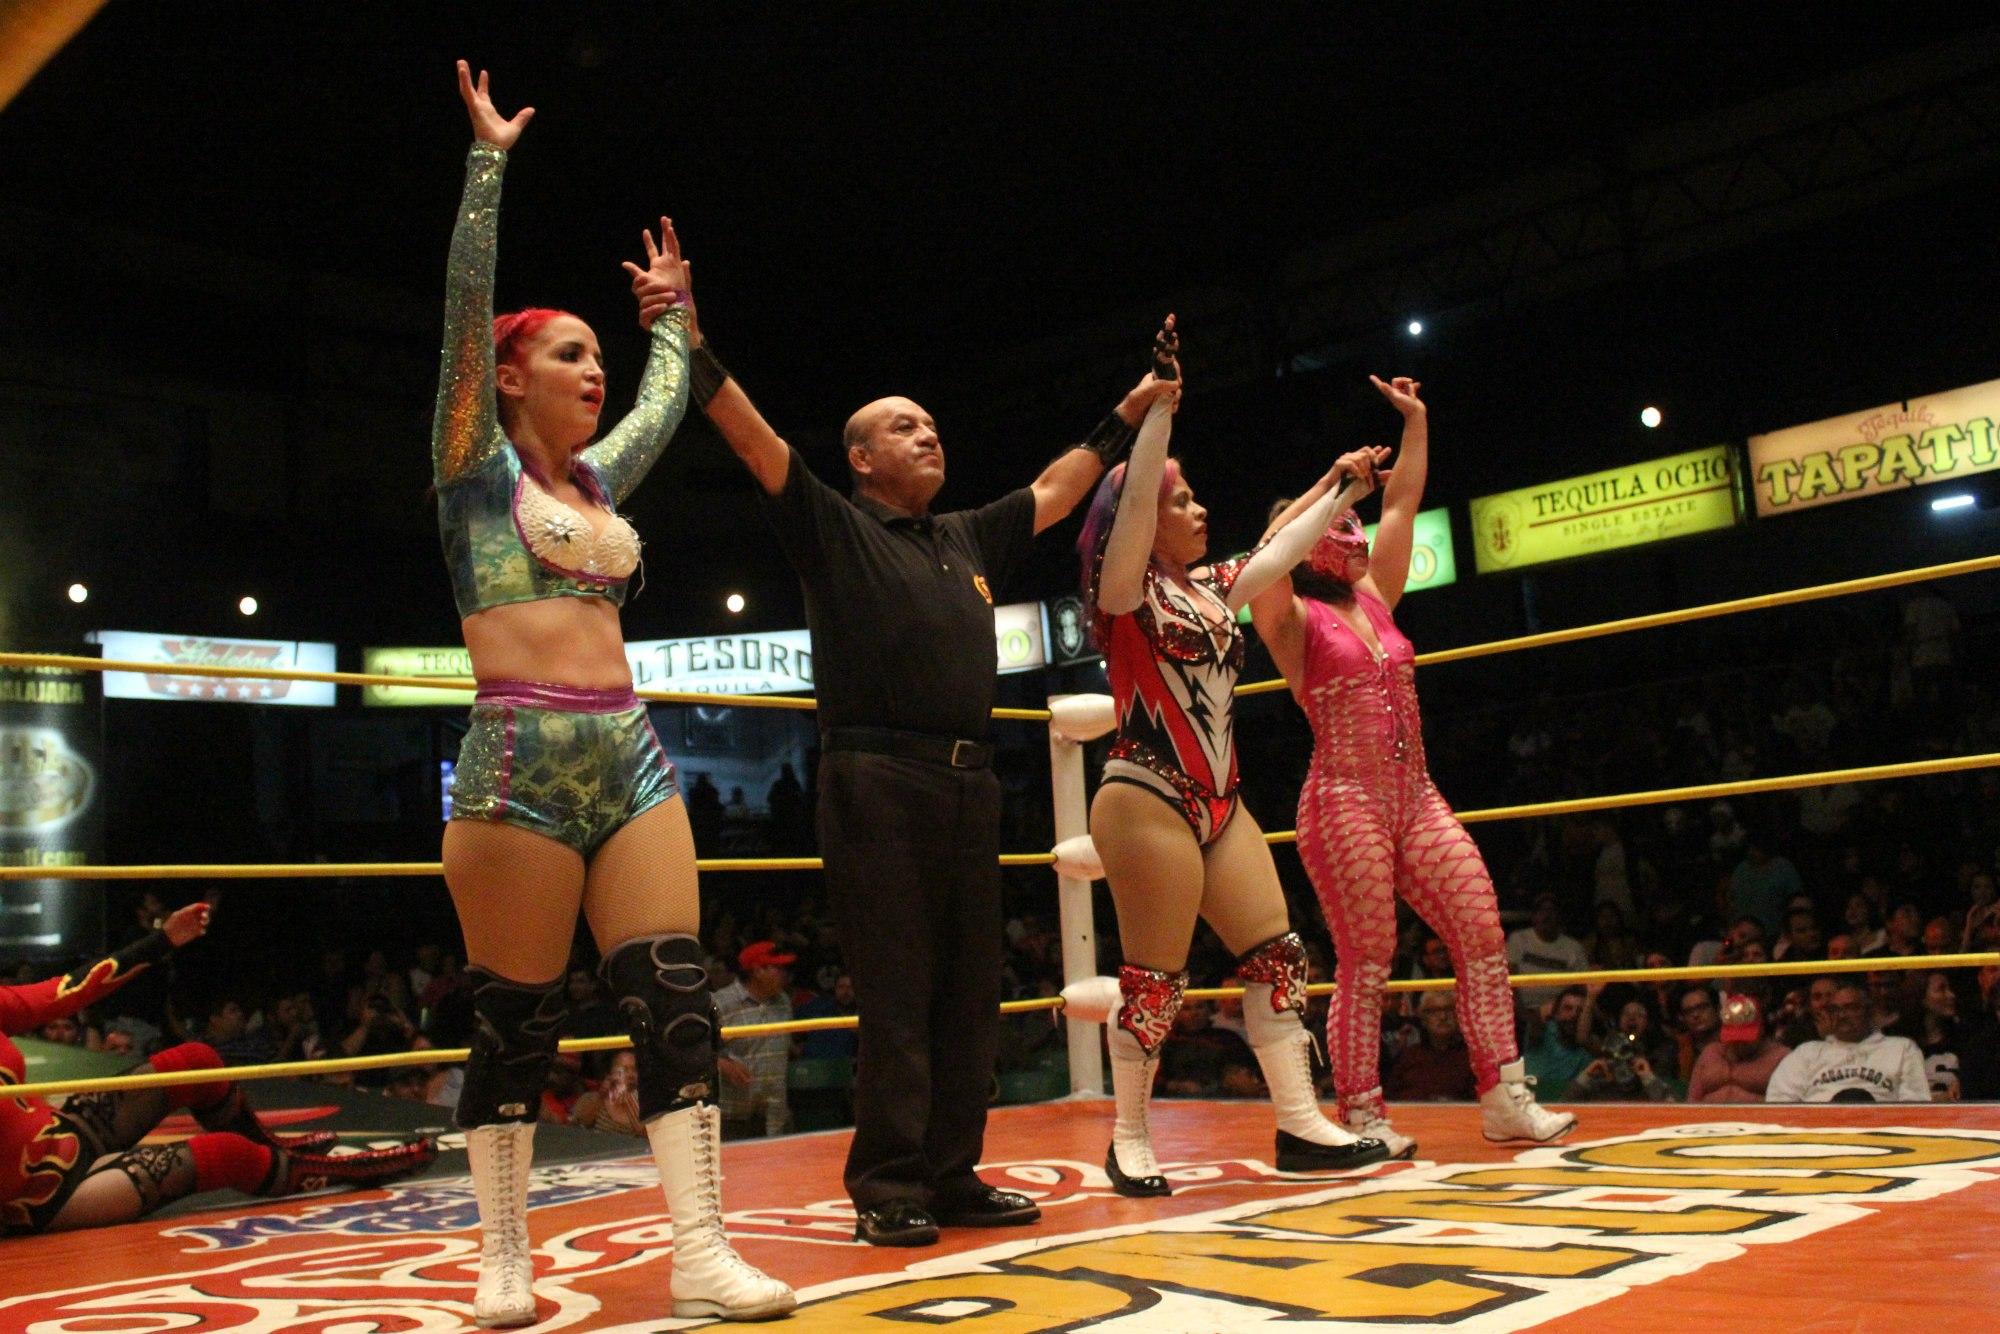 Una mirada semanal al CMLL (del 31 oct al 6 nov de 2019) 13